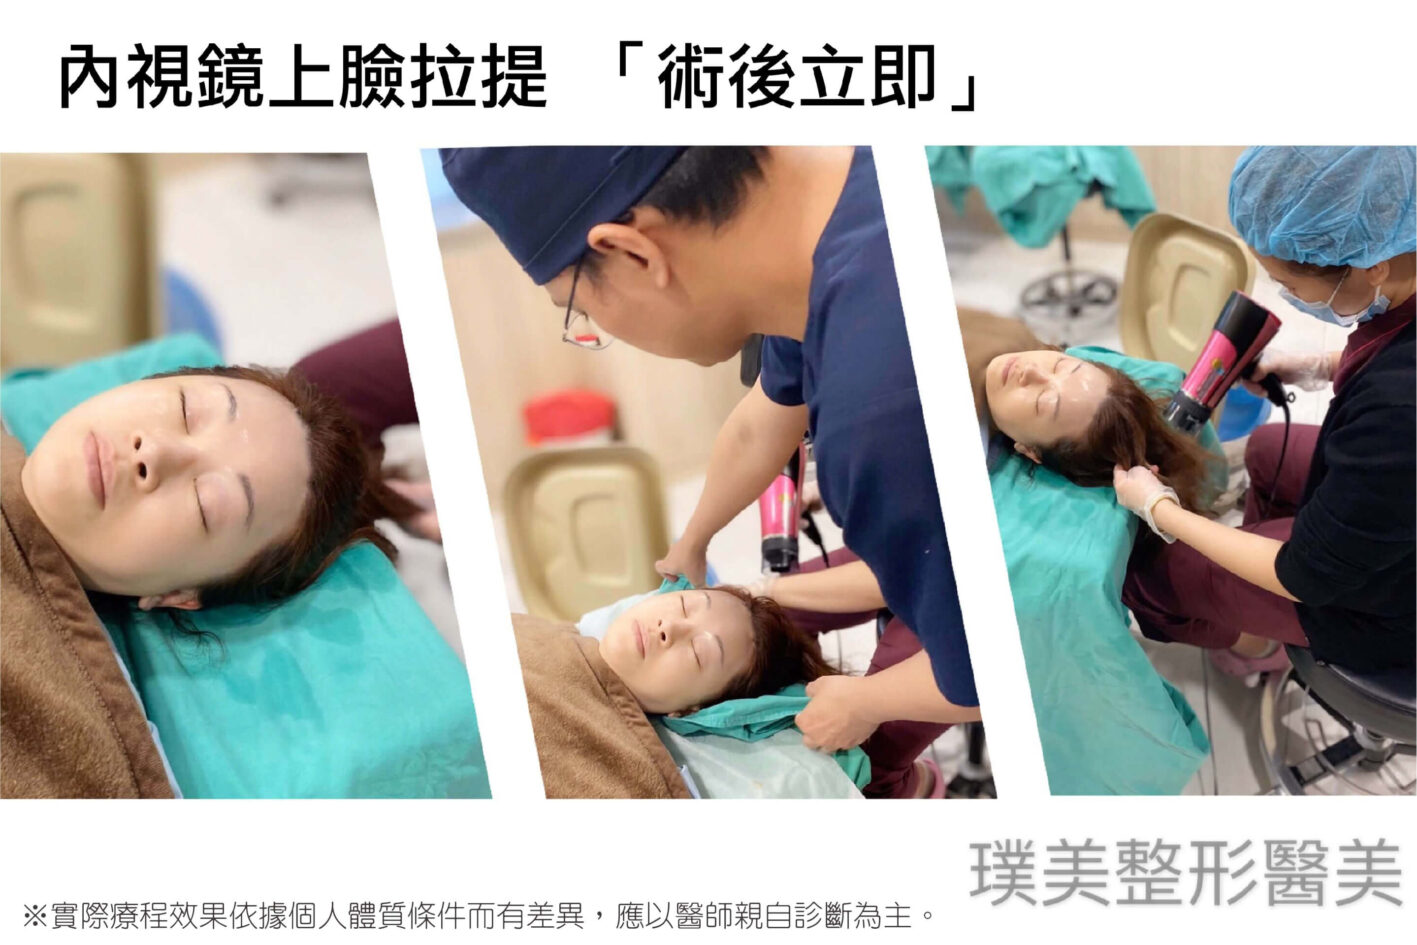 內視鏡提眉 內視鏡上臉拉提 手術 洗頭 2